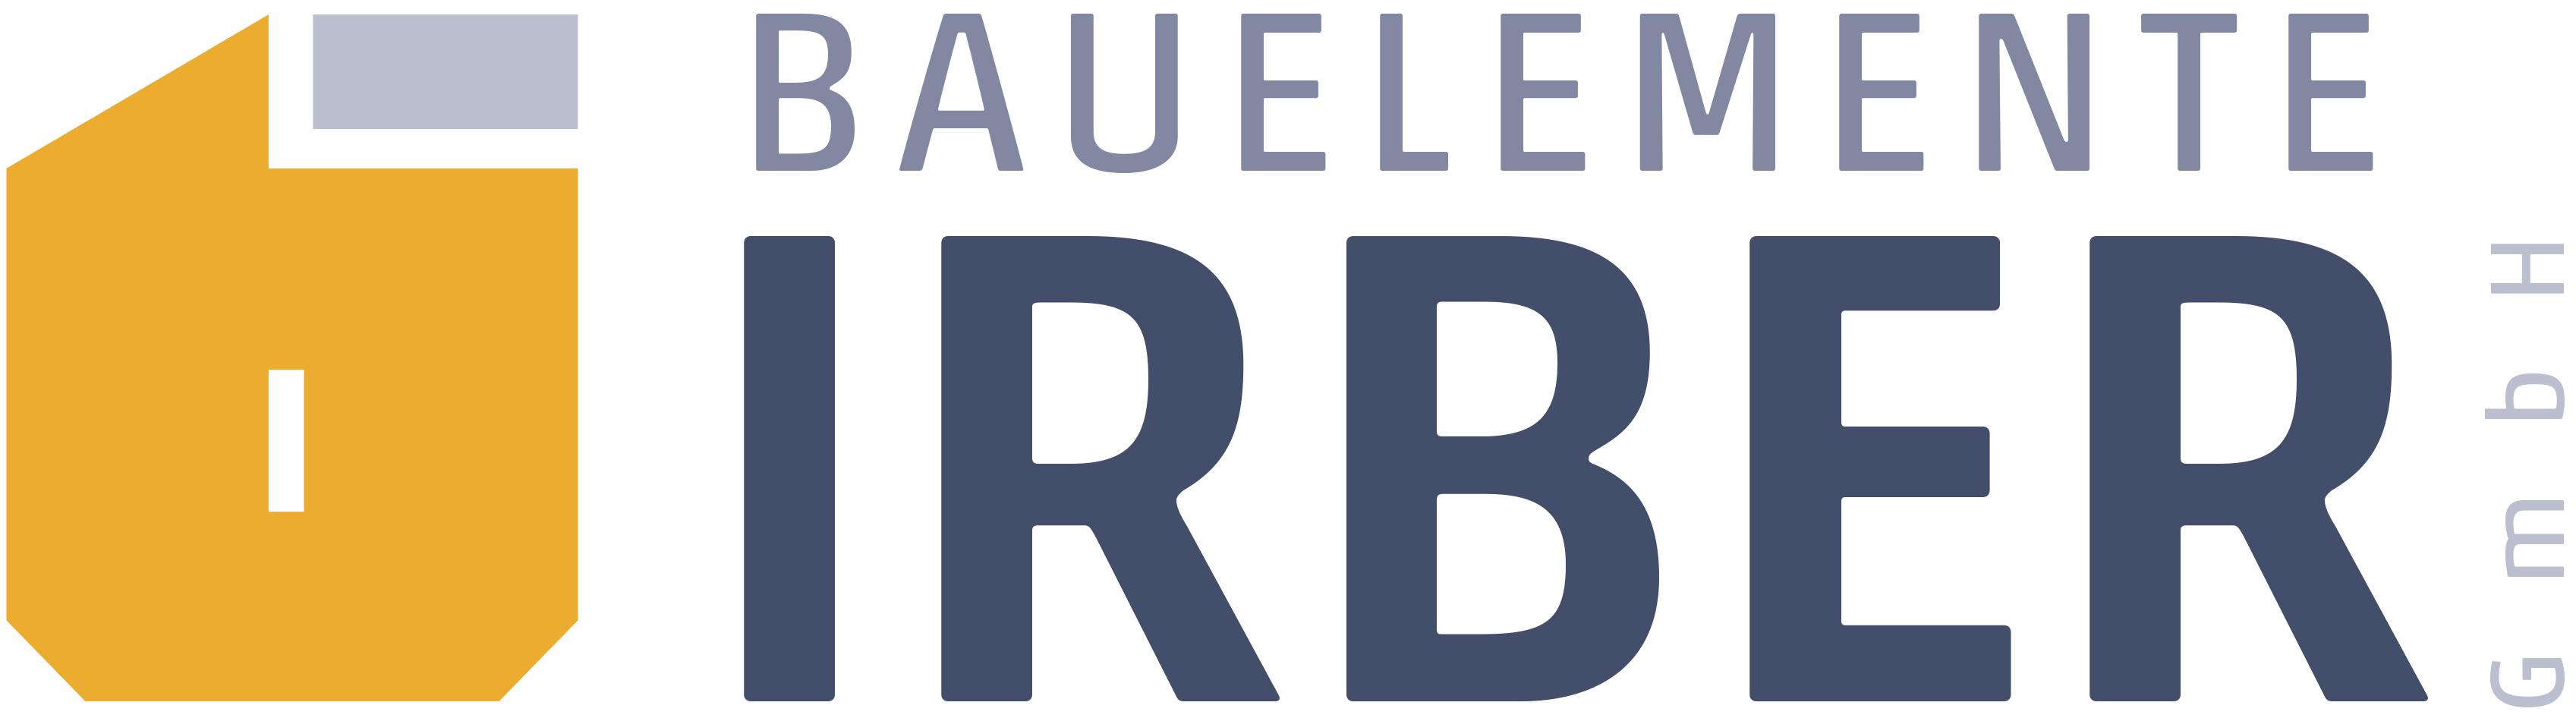 Bauelemente Irber GmbH